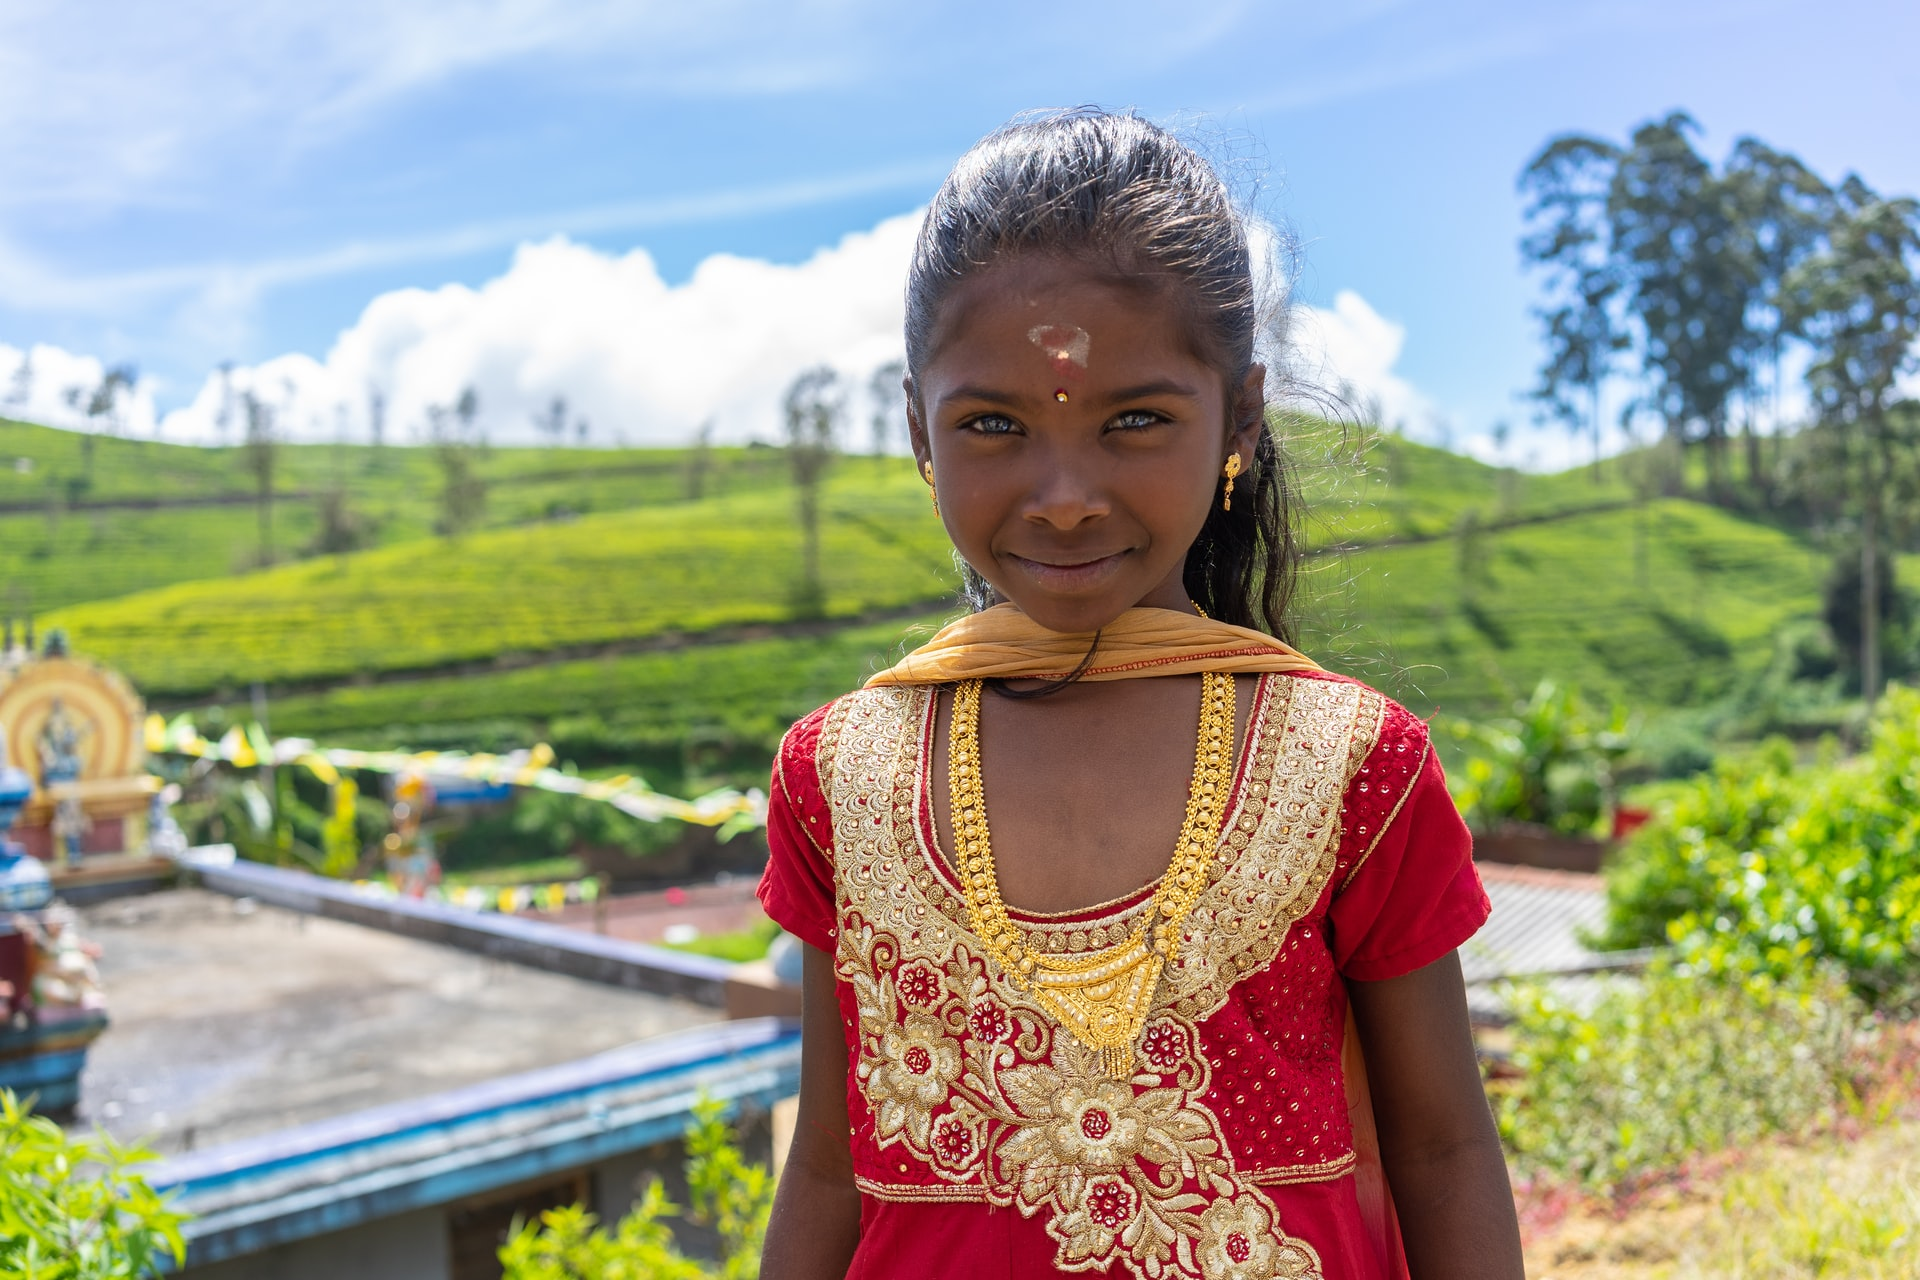 SDGs「飢餓をなくし、持続可能な農業を」の取り組みがスリランカの人々と農園を豊かにする